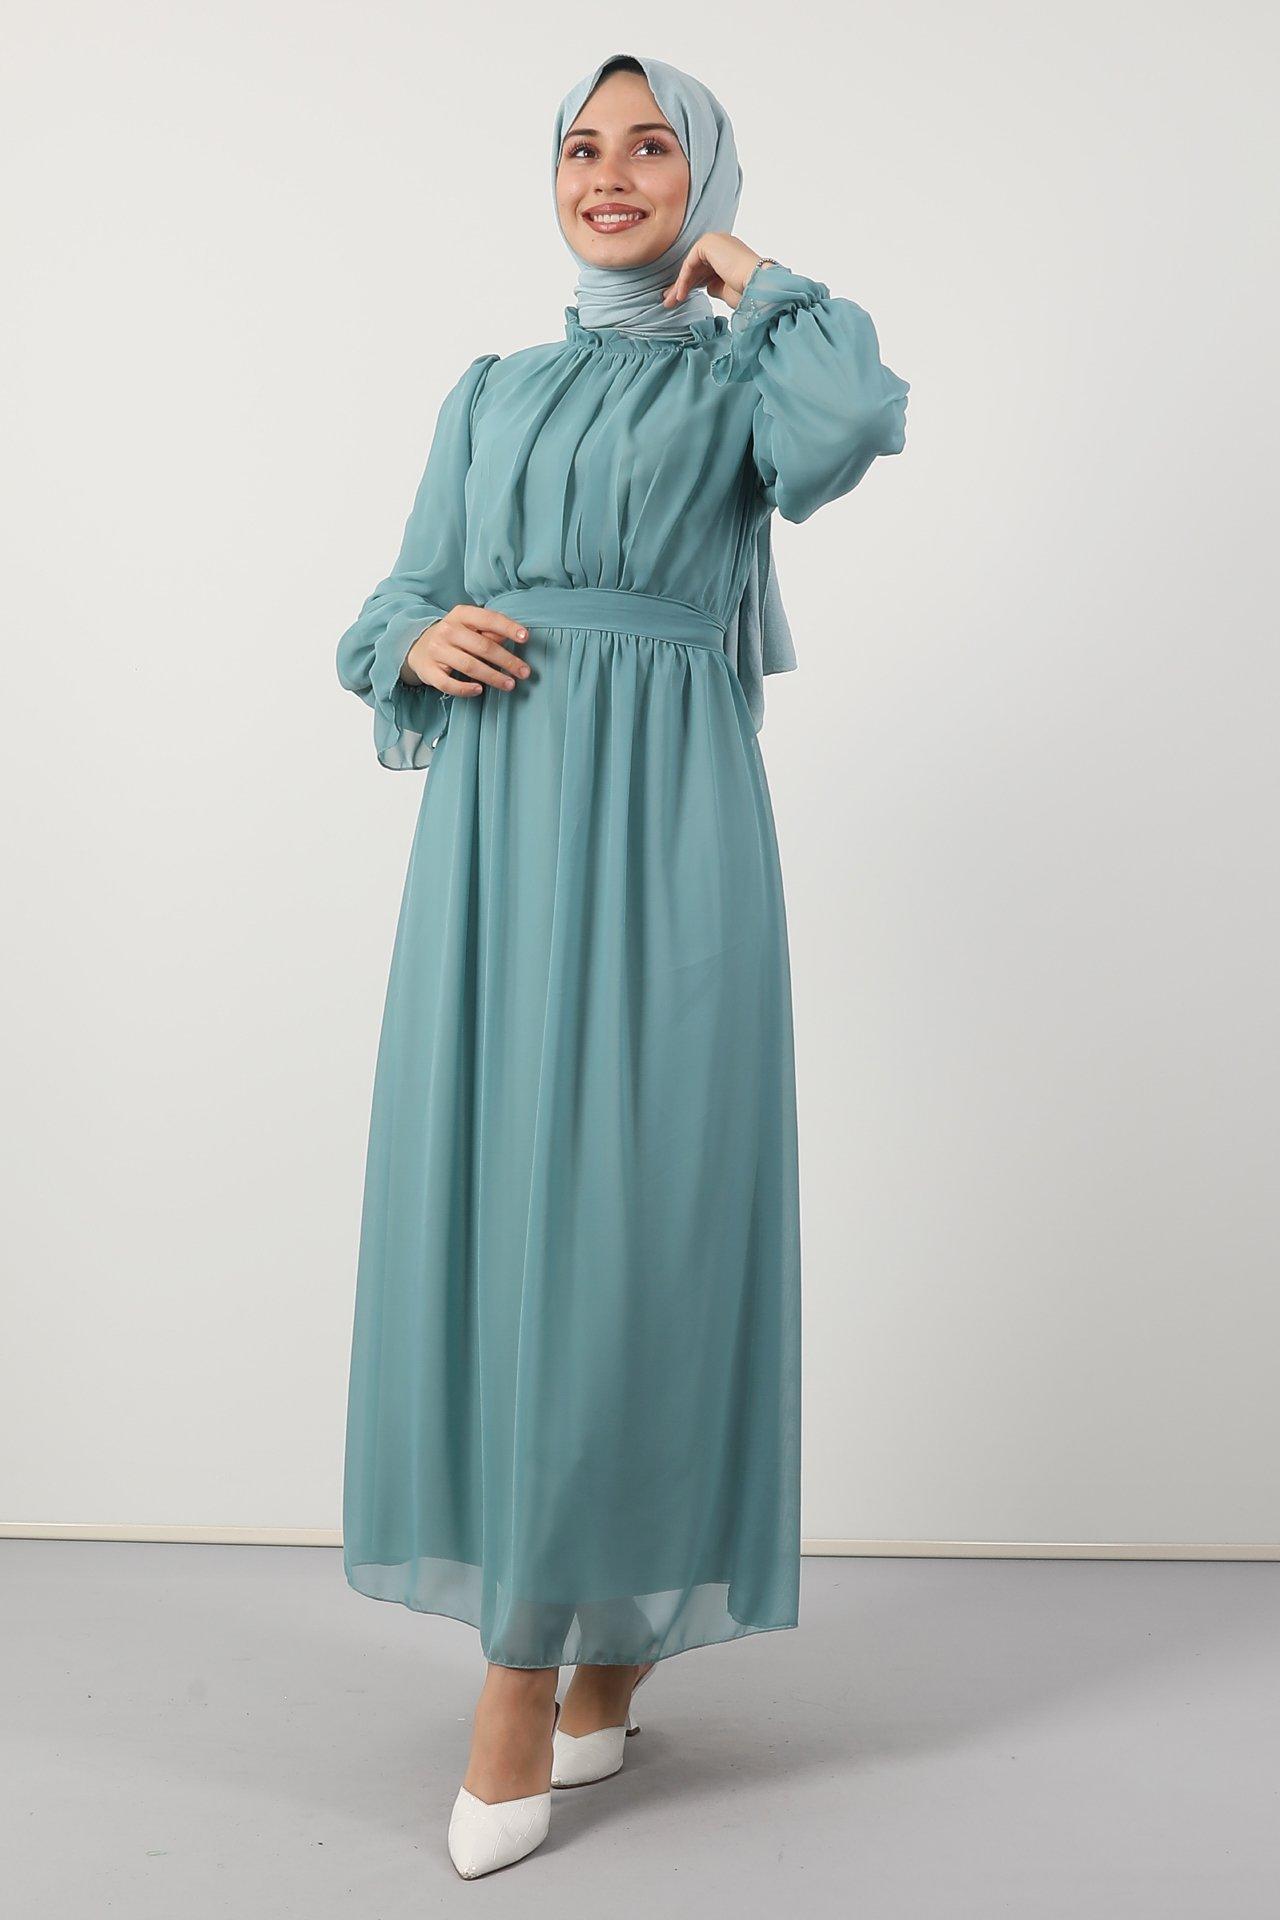 GİZAGİYİM - Giza Kol Boyun Fırfır Tesettür Elbise Mint